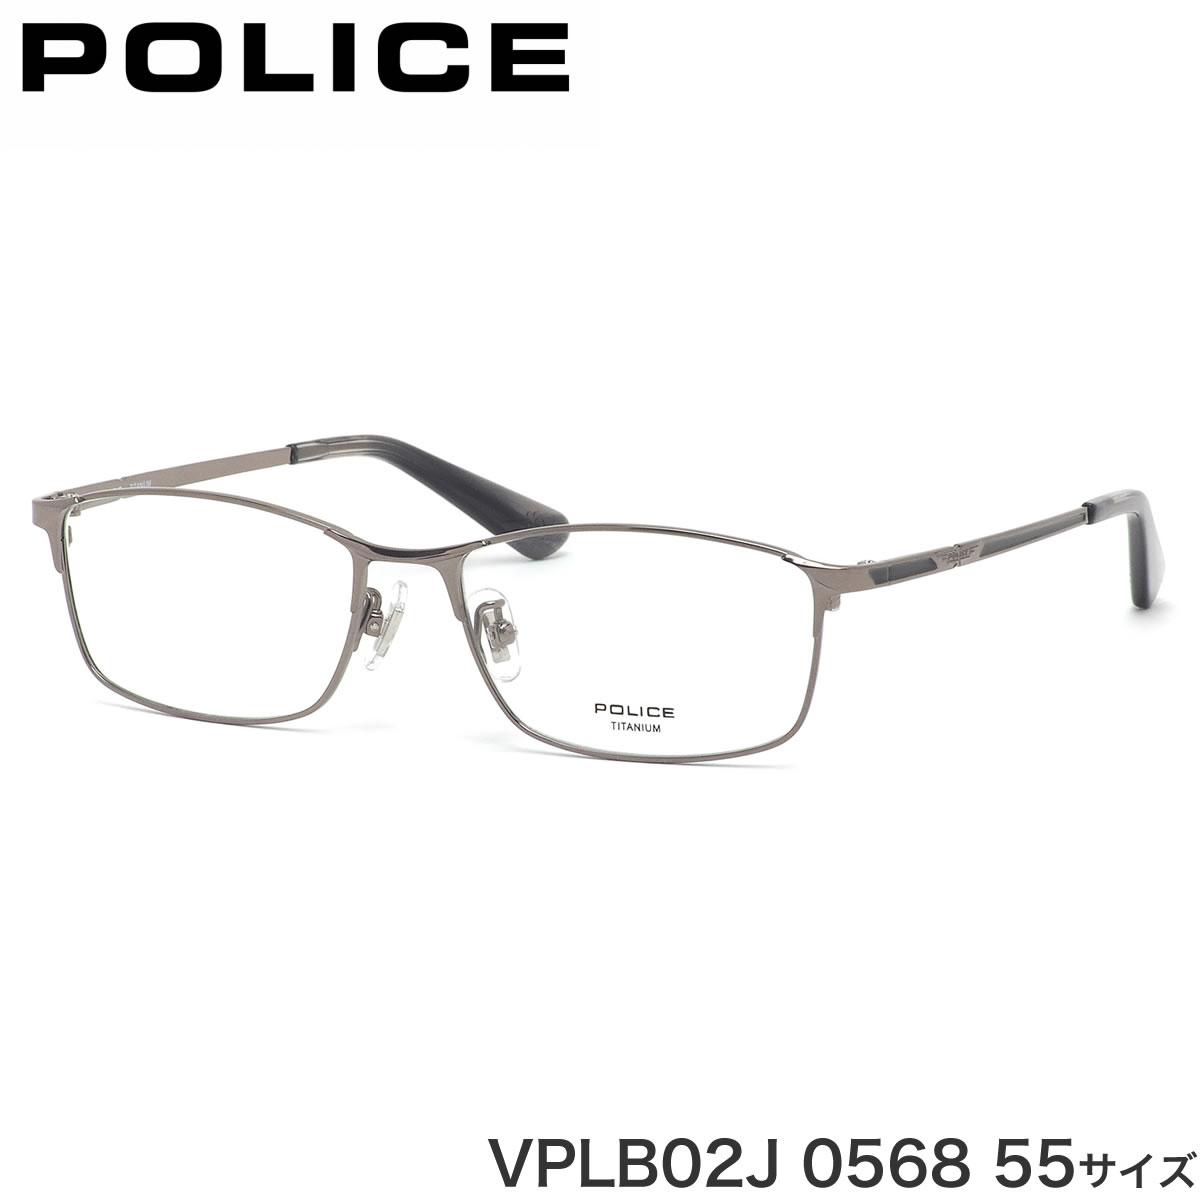 ポリス POLICE メガネ VPLB02J 0568 55サイズ シルバー スマート シャープ ビジネス メンズ レディース